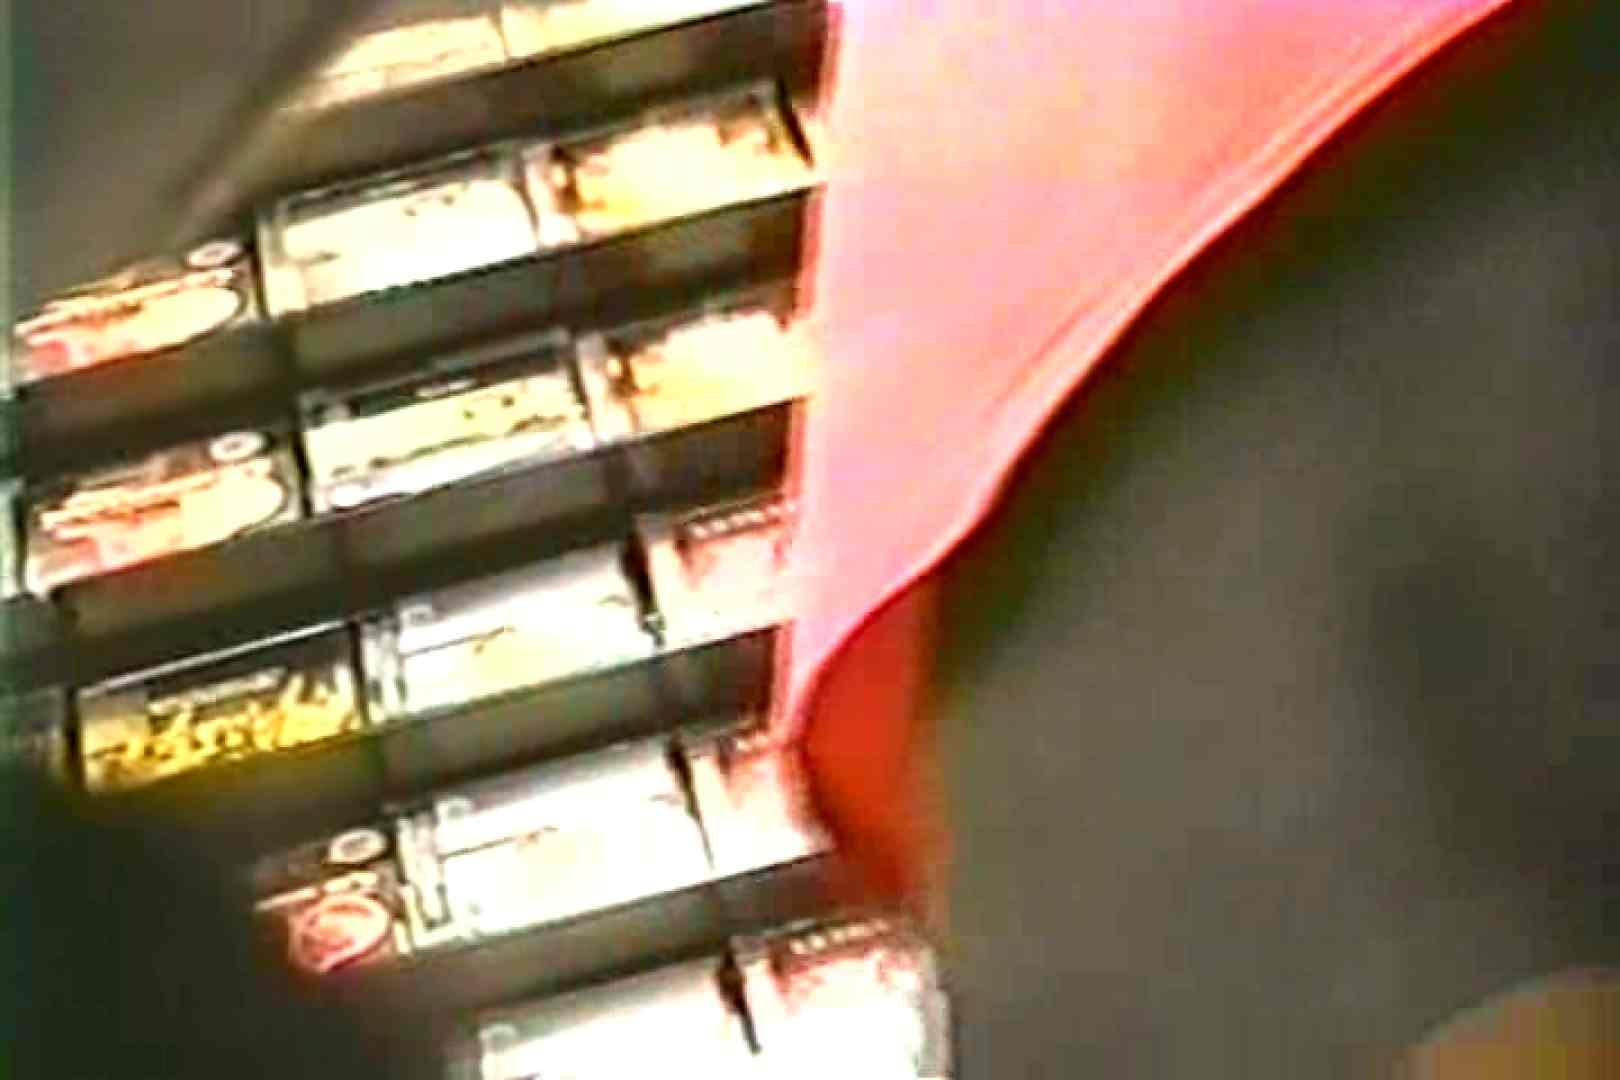 「ちくりん」さんのオリジナル未編集パンチラVol.9_02 チラ歓迎 | 新入生パンチラ  77pic 34